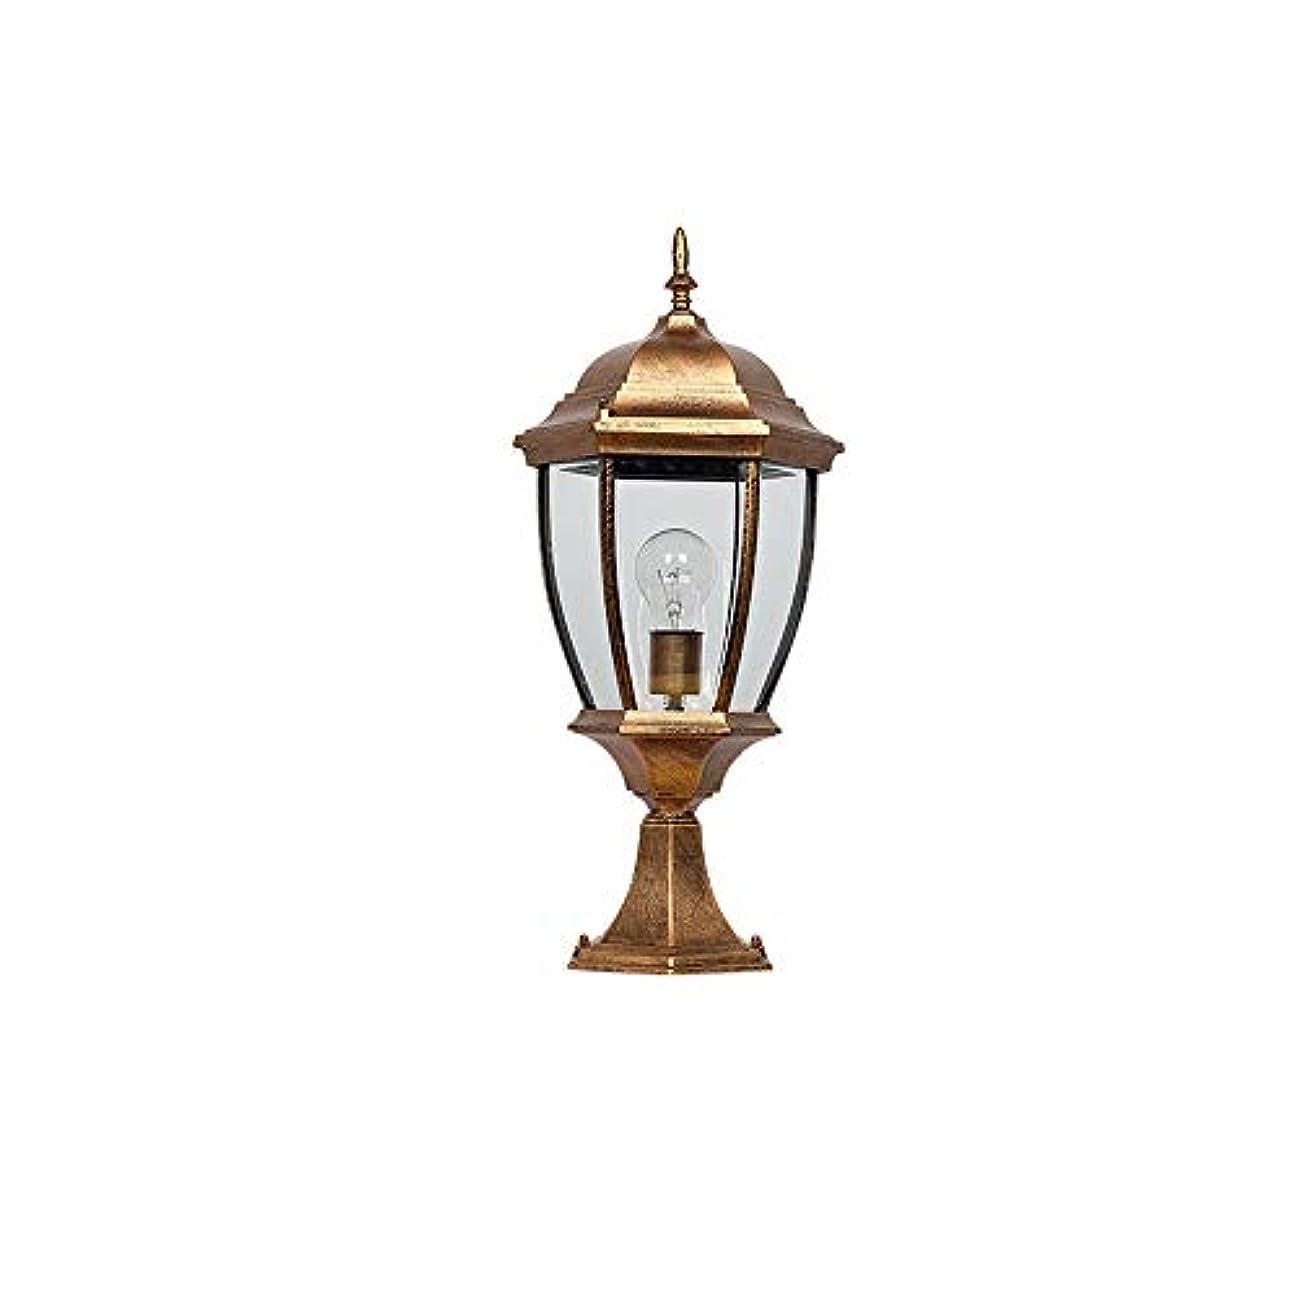 終わり気候の山ボトルPinjeer E27 ip54防水屋外ヴィンテージガラスポストライトアメリカアンティークシンプル防錆アルミコラムランプガーデンストリートドアコミュニティ風景装飾ピラーライト (Color : Brass, サイズ : Height 41cm)